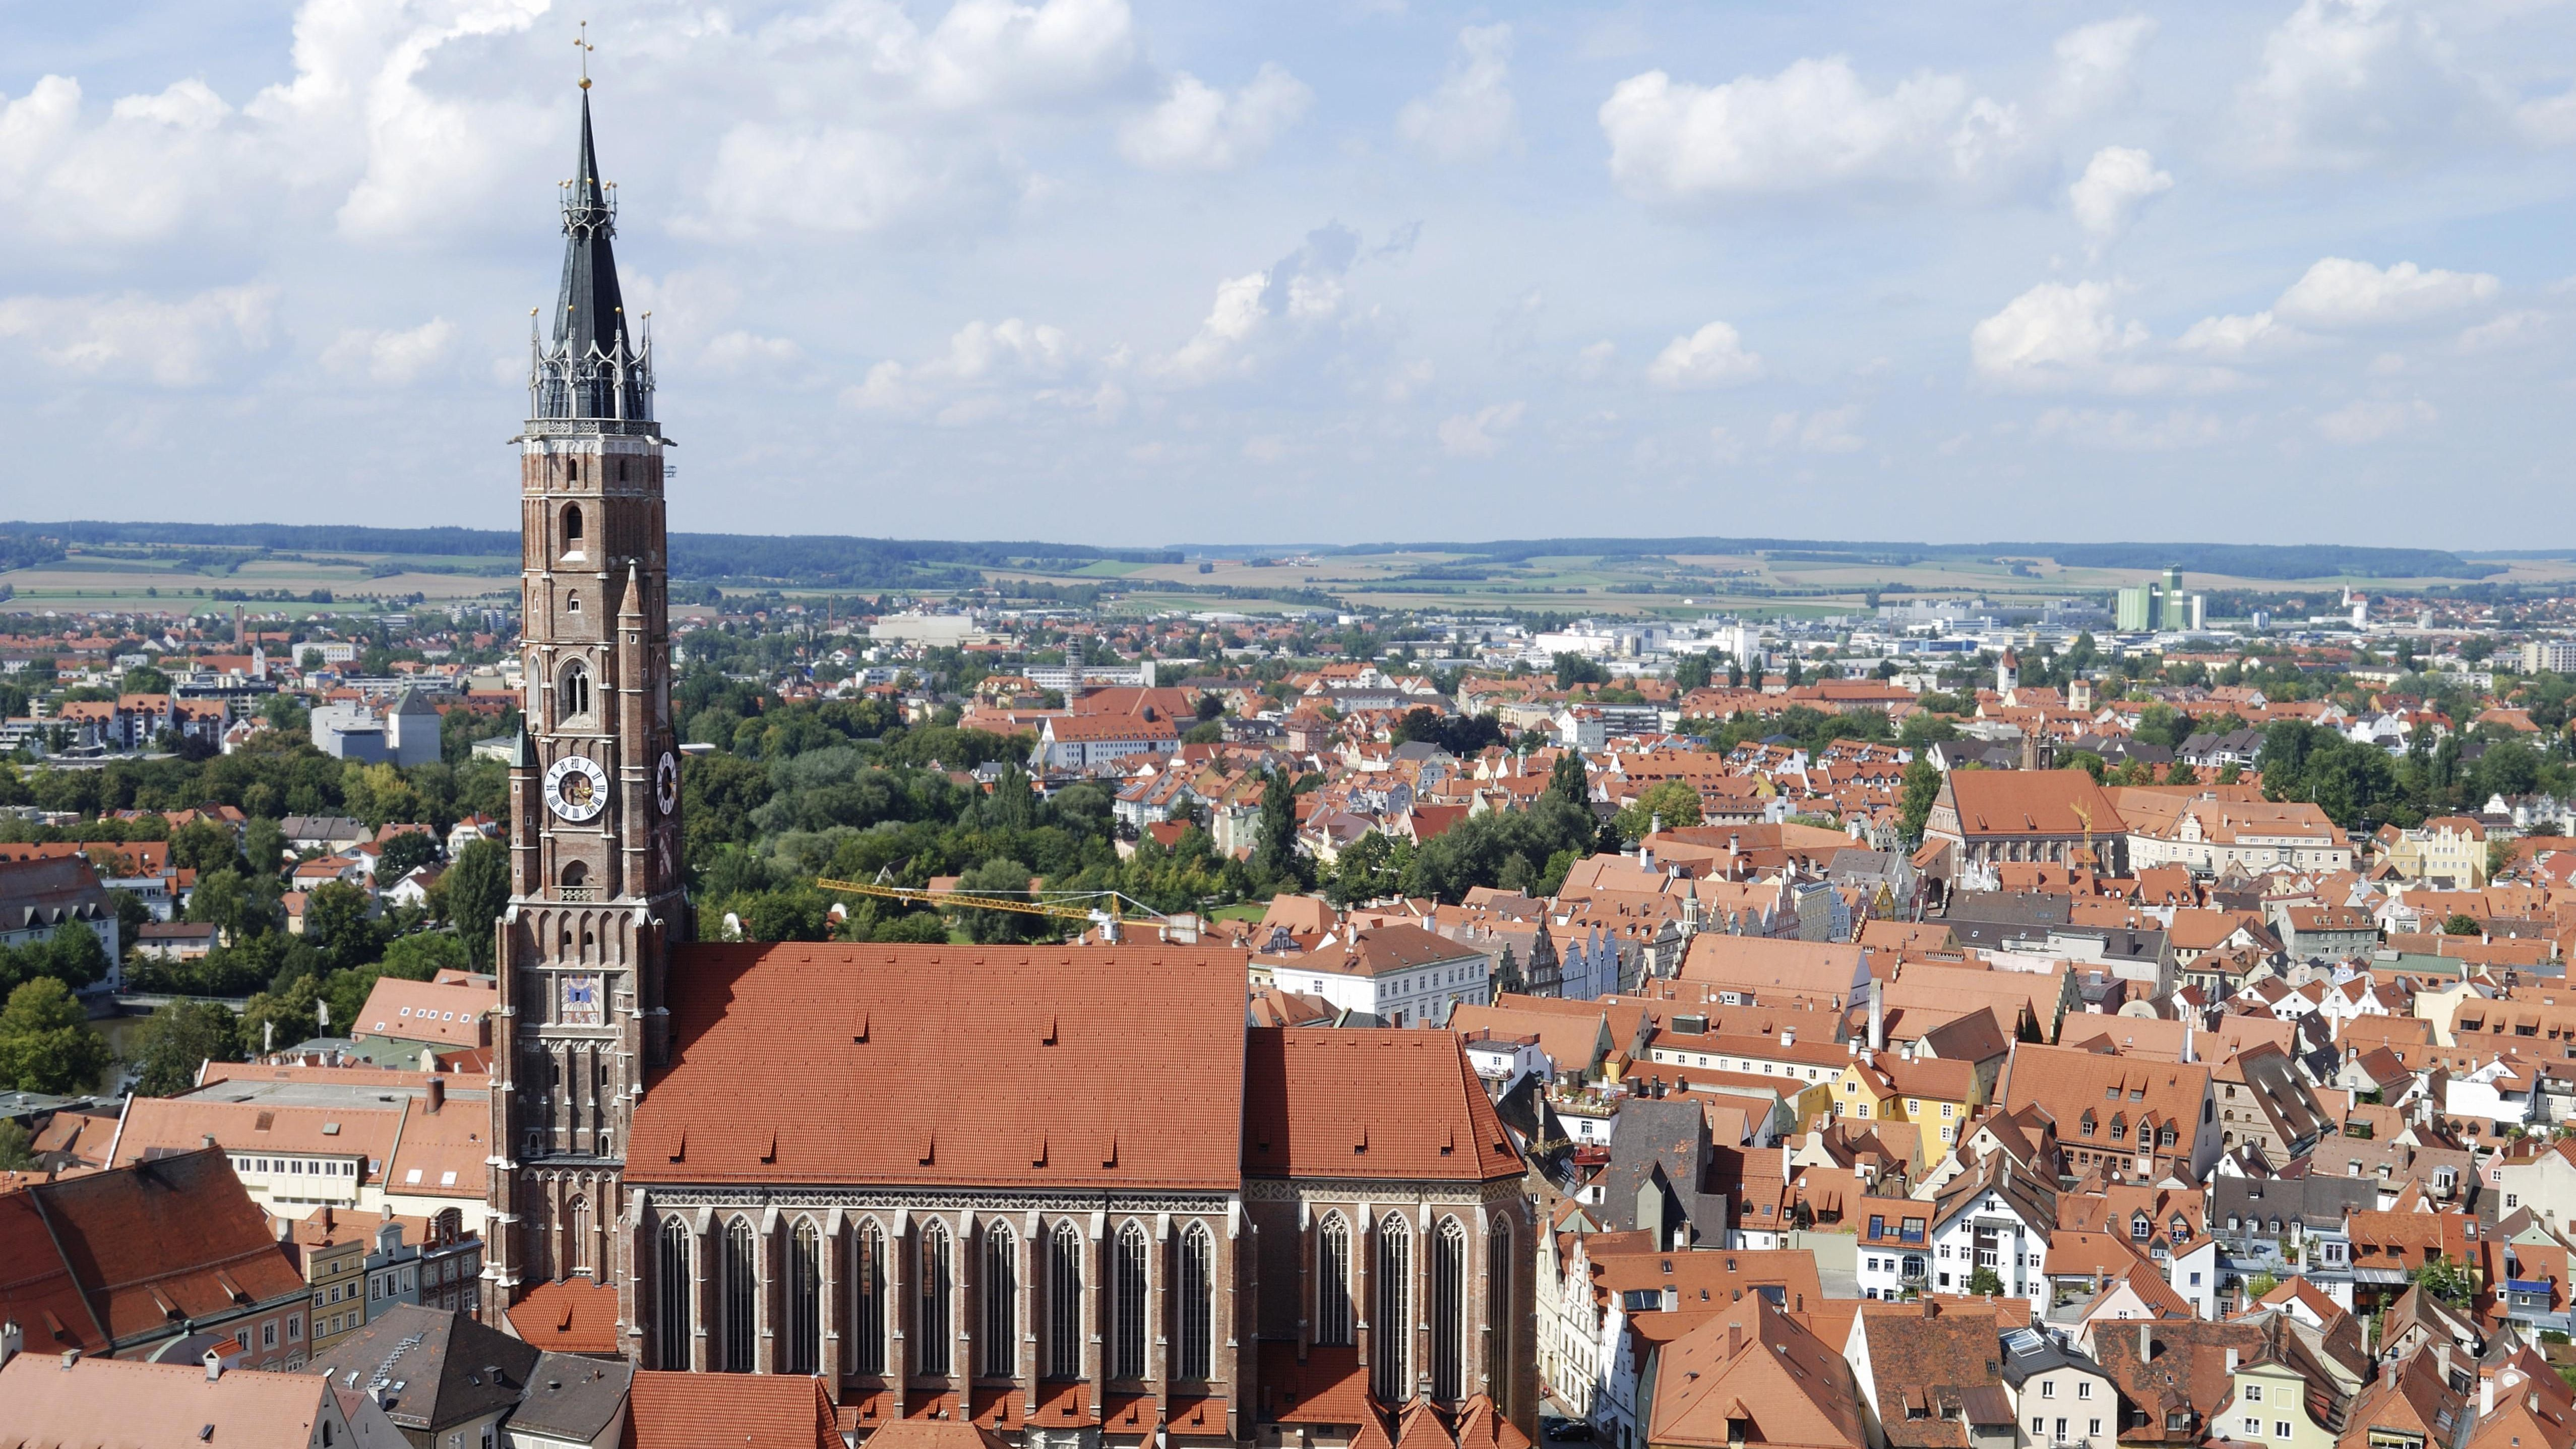 Blick über die Altstadt von Landshut in Niederbayern mit der St.-Martin-Kirche